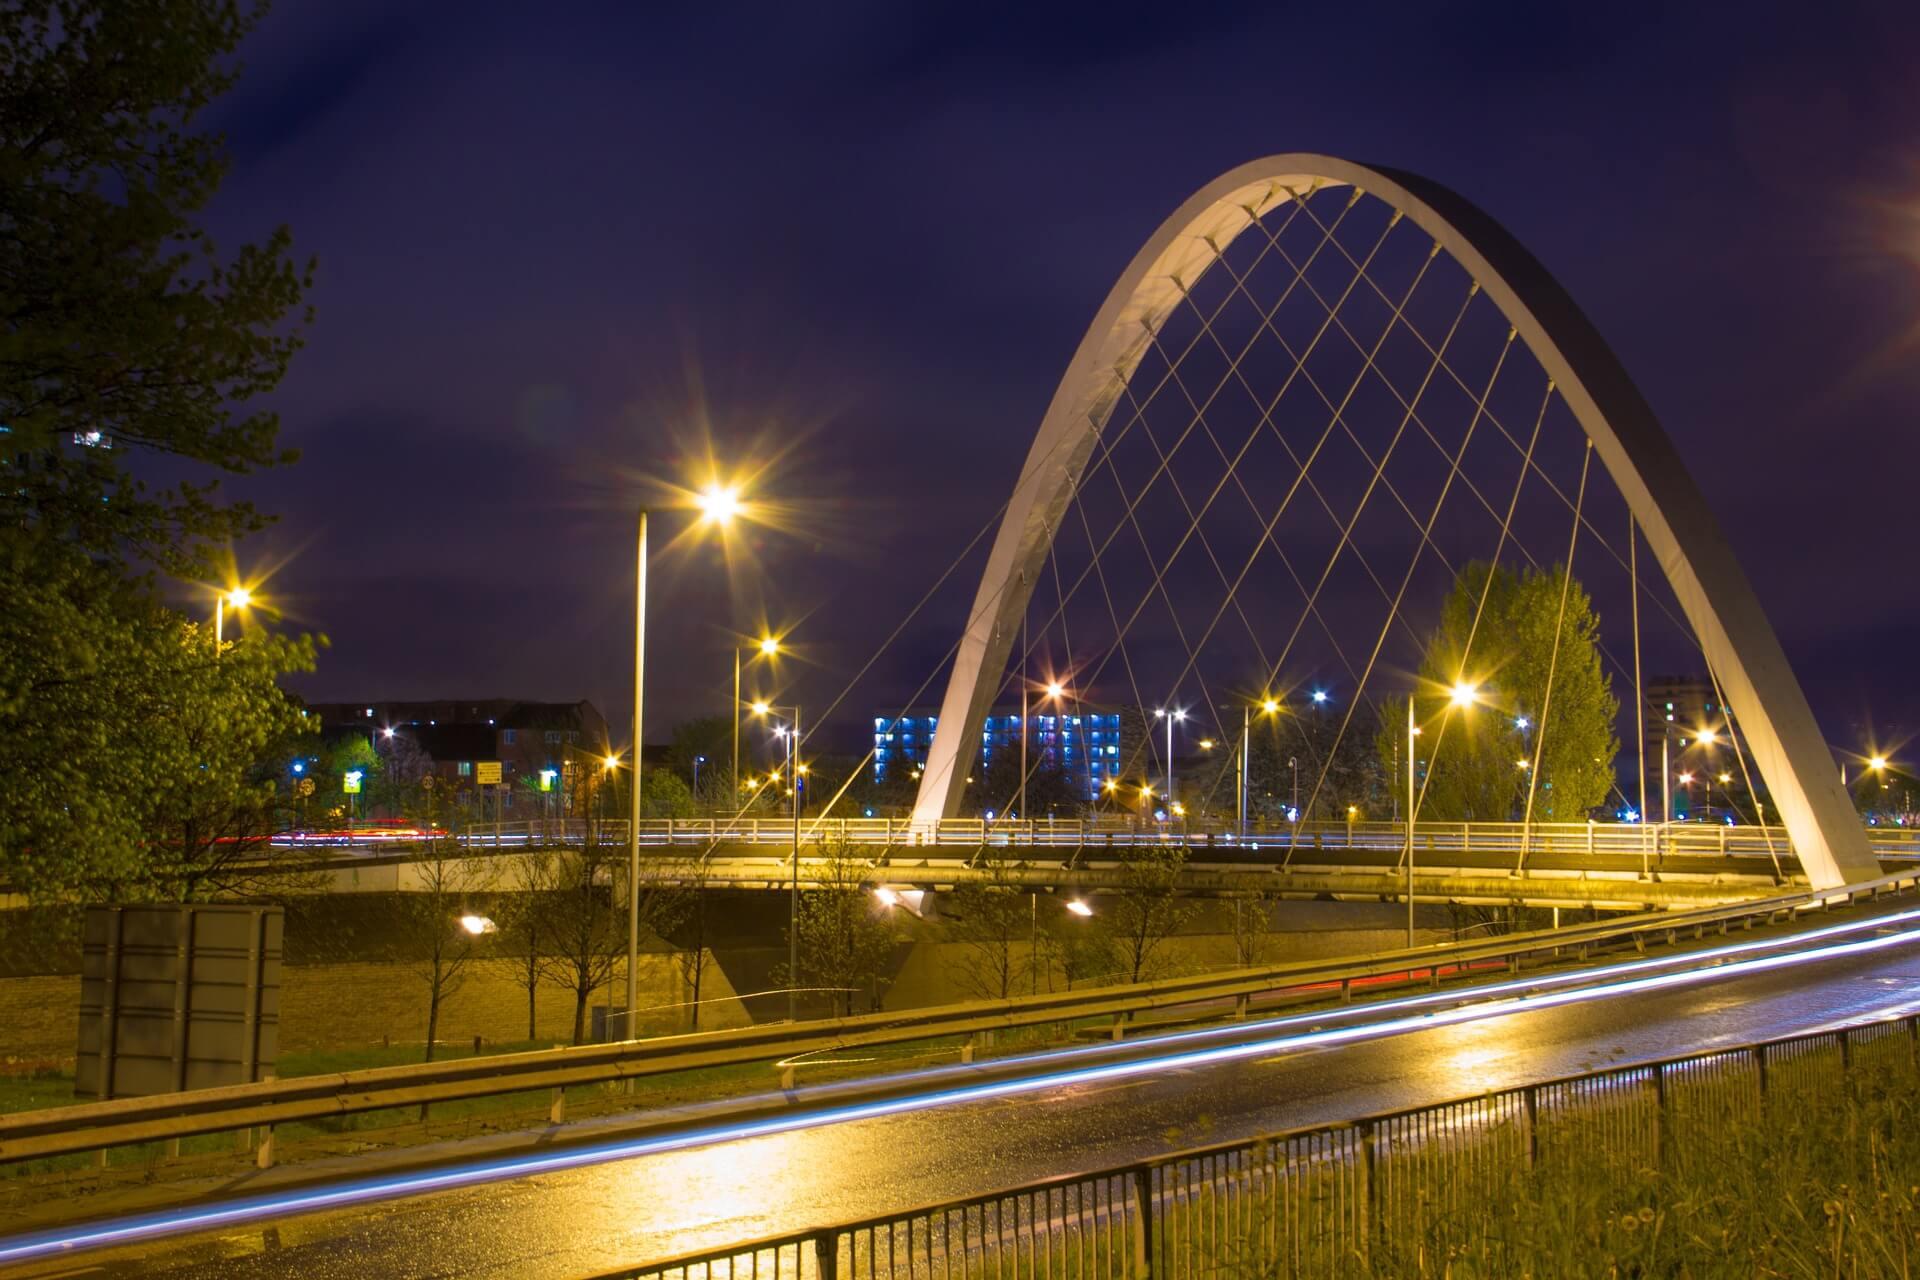 bridge-2231612_1920